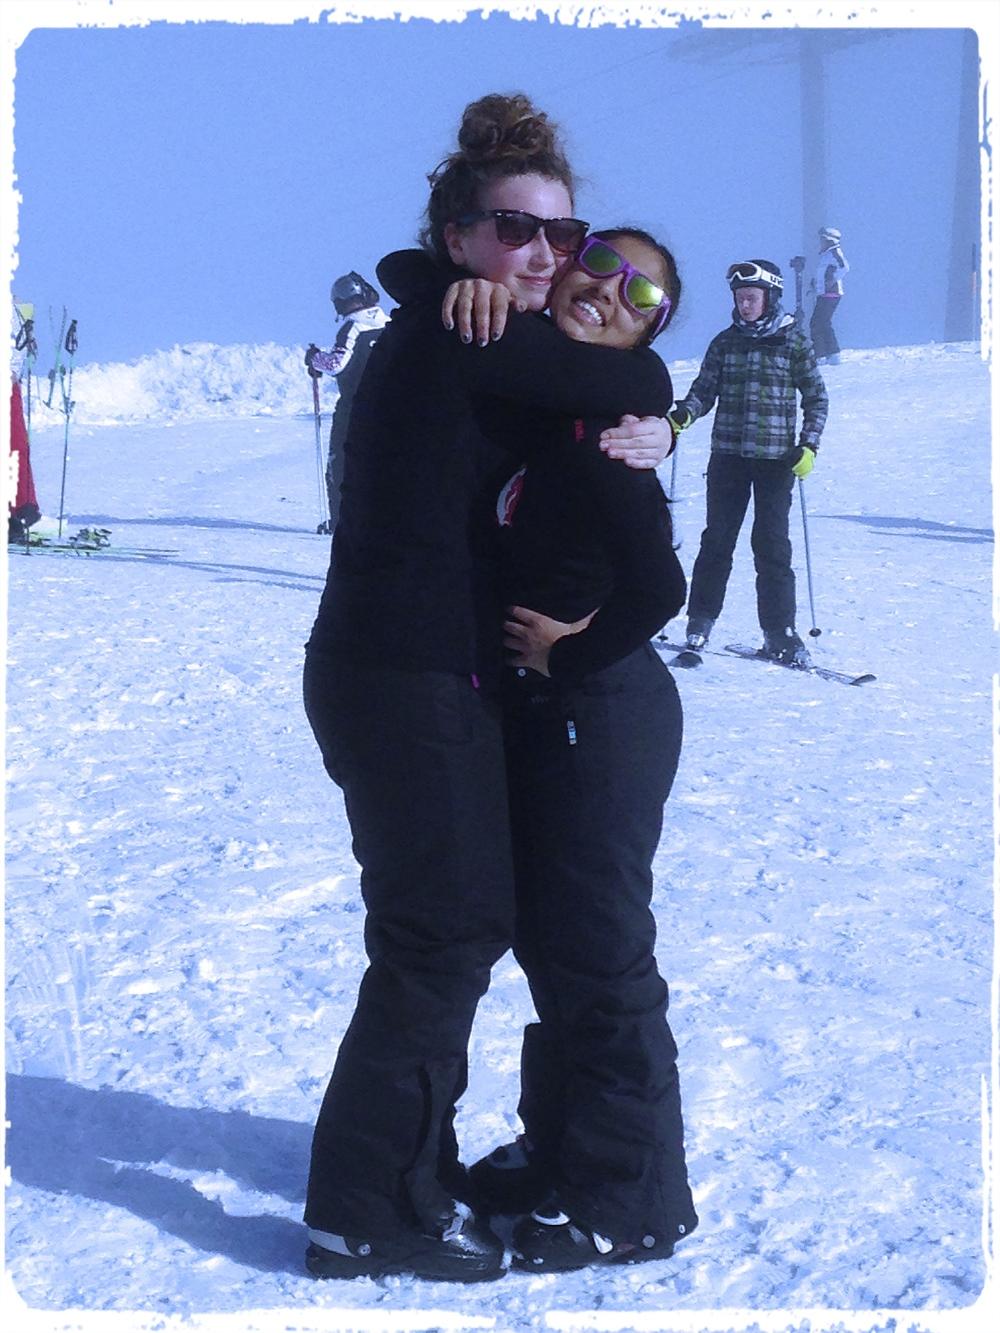 ski20_Fotor.jpg